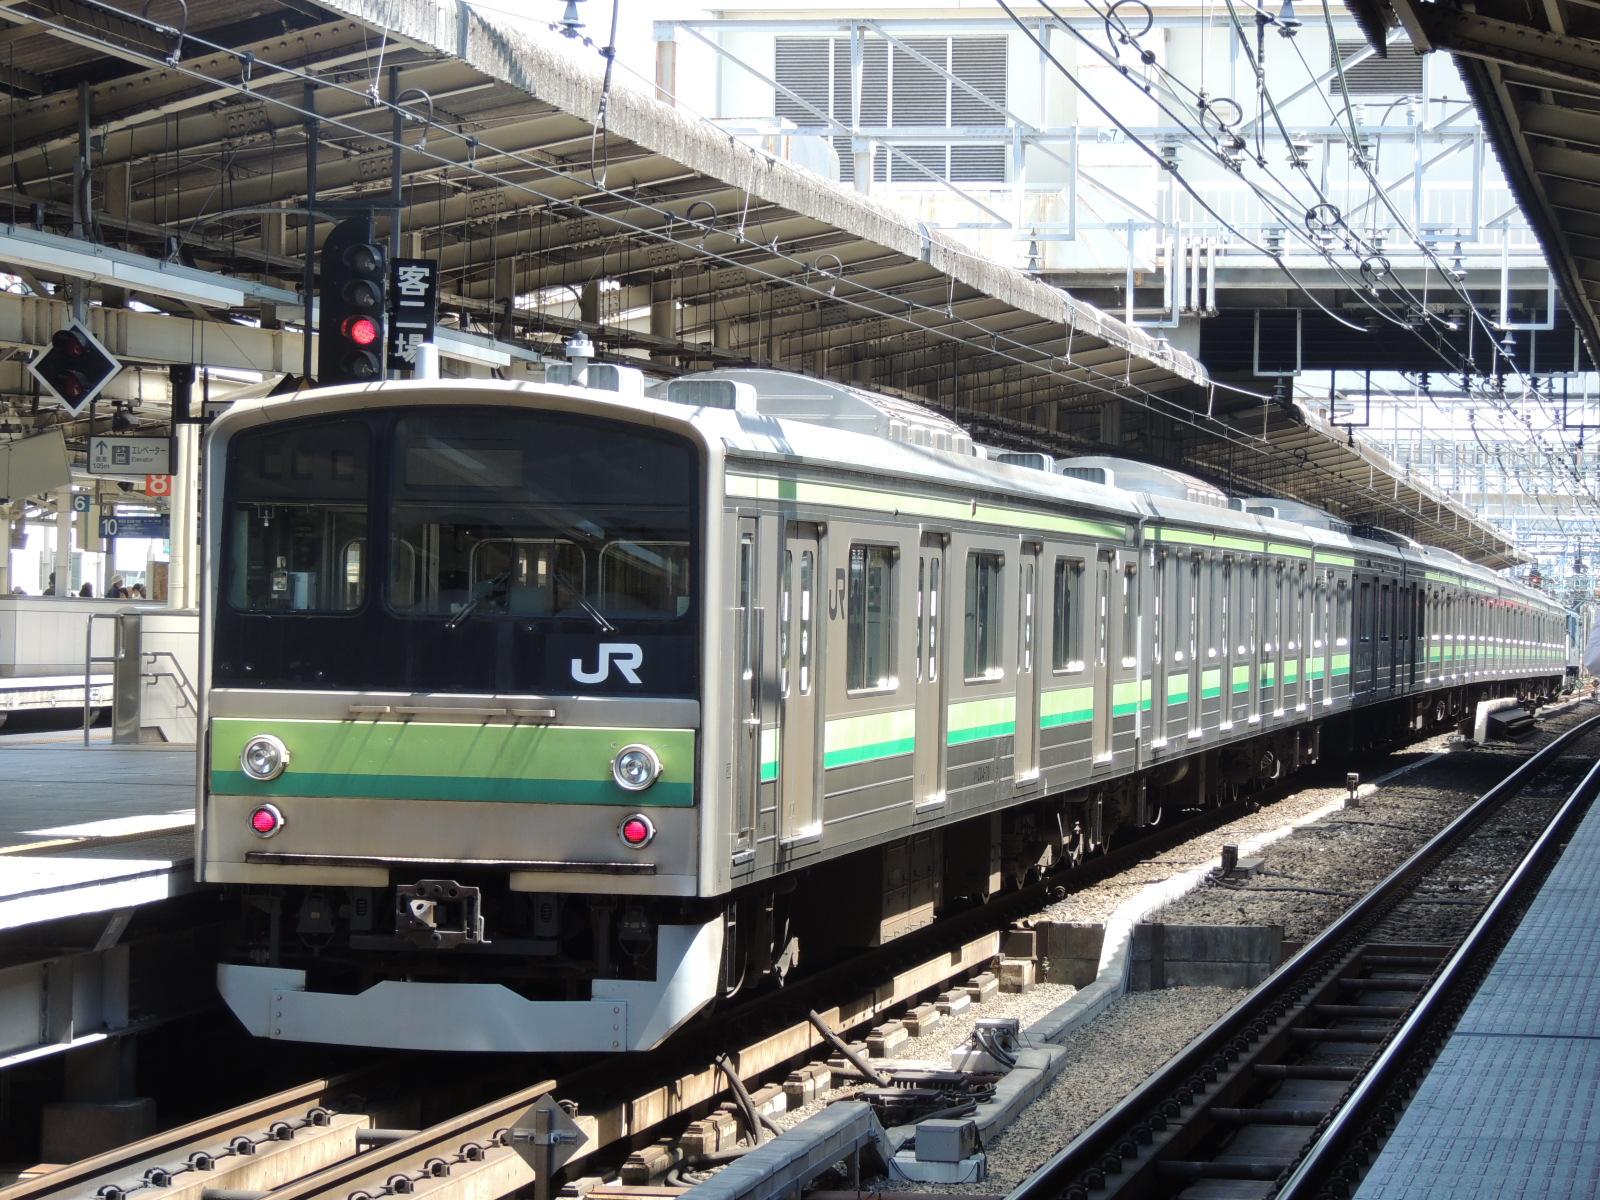 DSCN8033.jpg